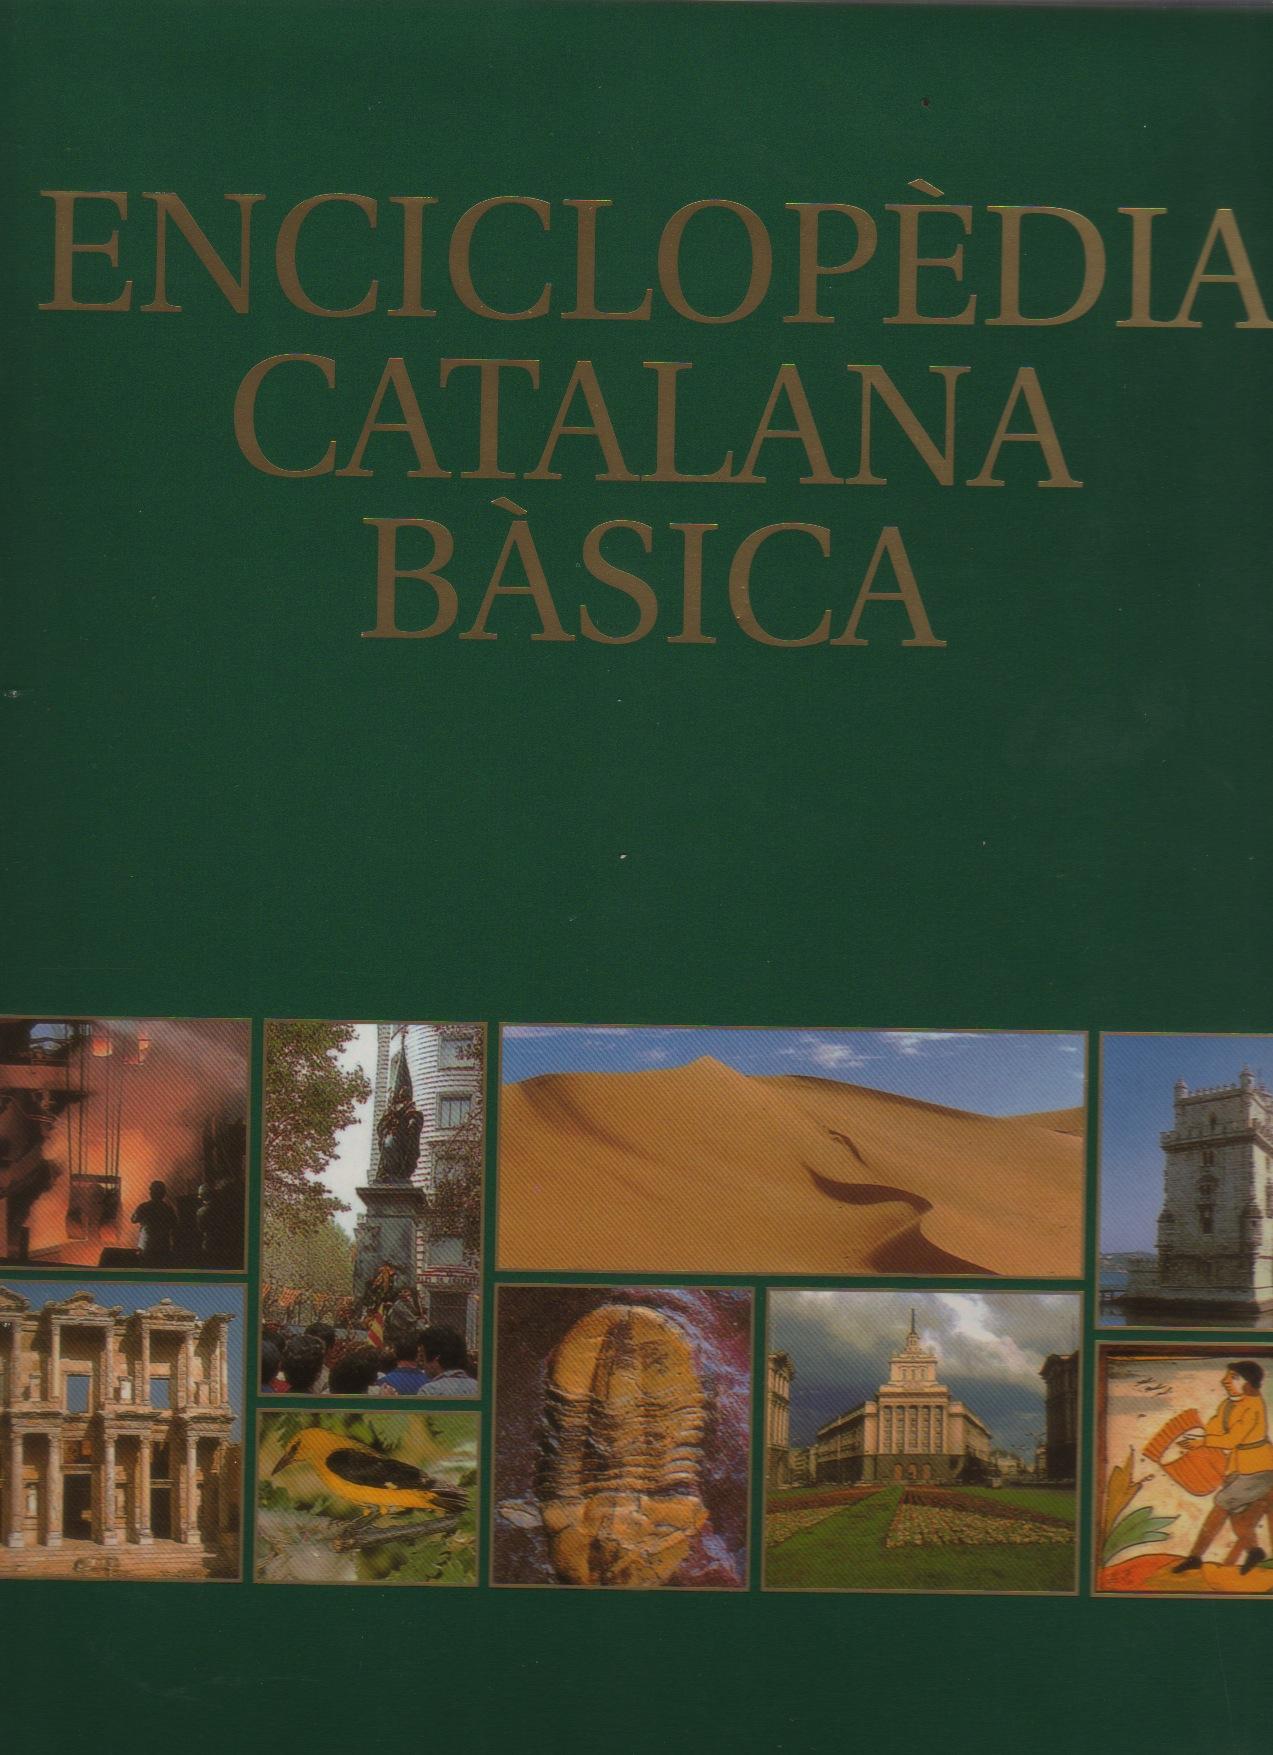 Enciclopèdia catalana bàsica